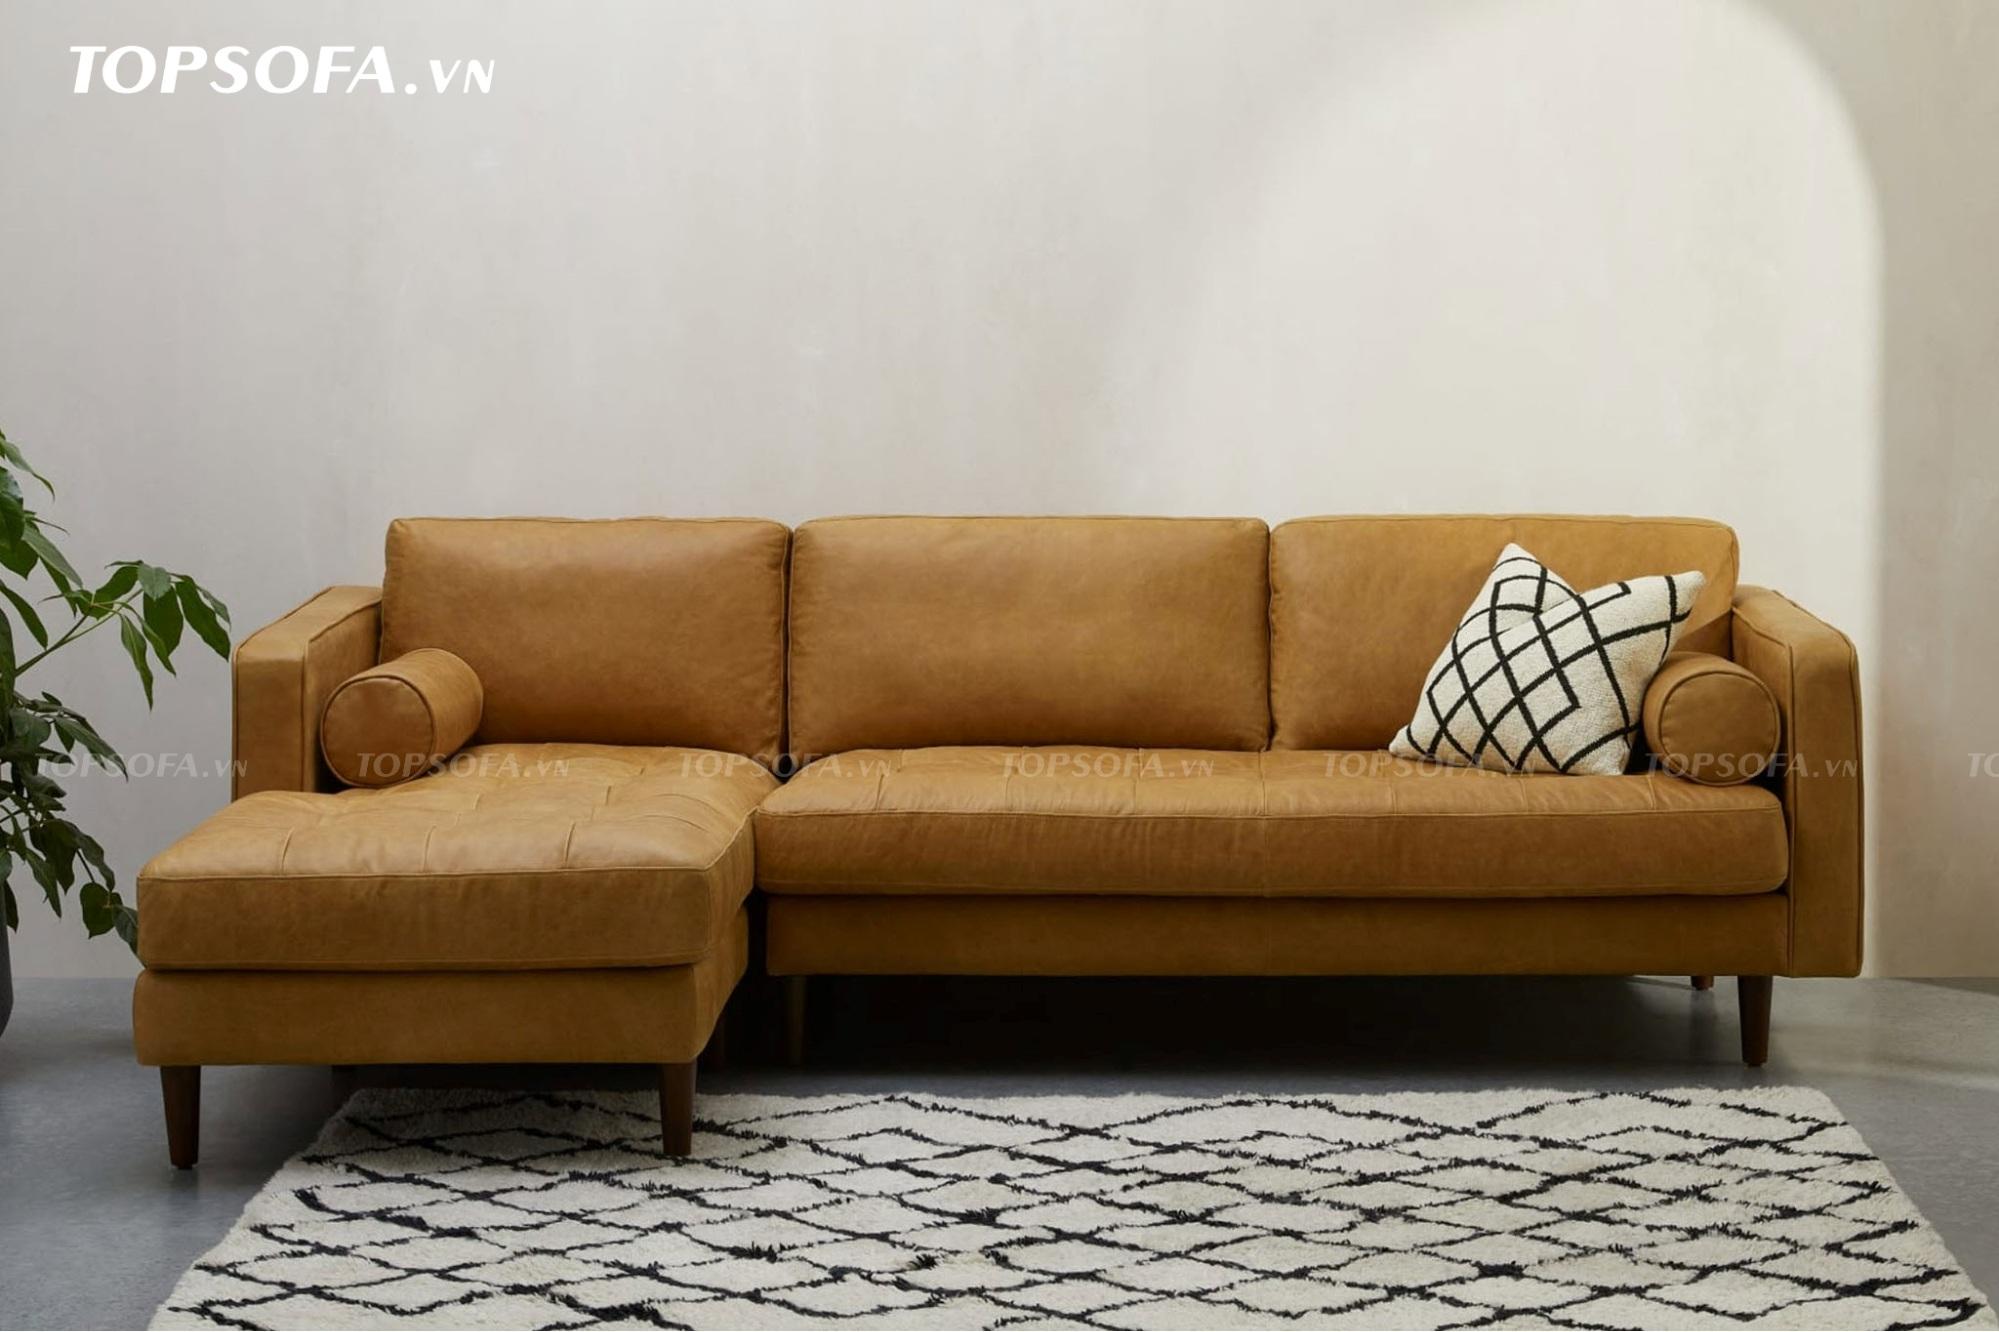 Tay vịn ghế sofa góc TS222 được thiết kế nhỏ gọn, vuông vức, bo cong ở phần góc với độ cao vừa phải giúp tiết kiệm không gian và giúp người dùng để tay tiện lợi và thoải mái